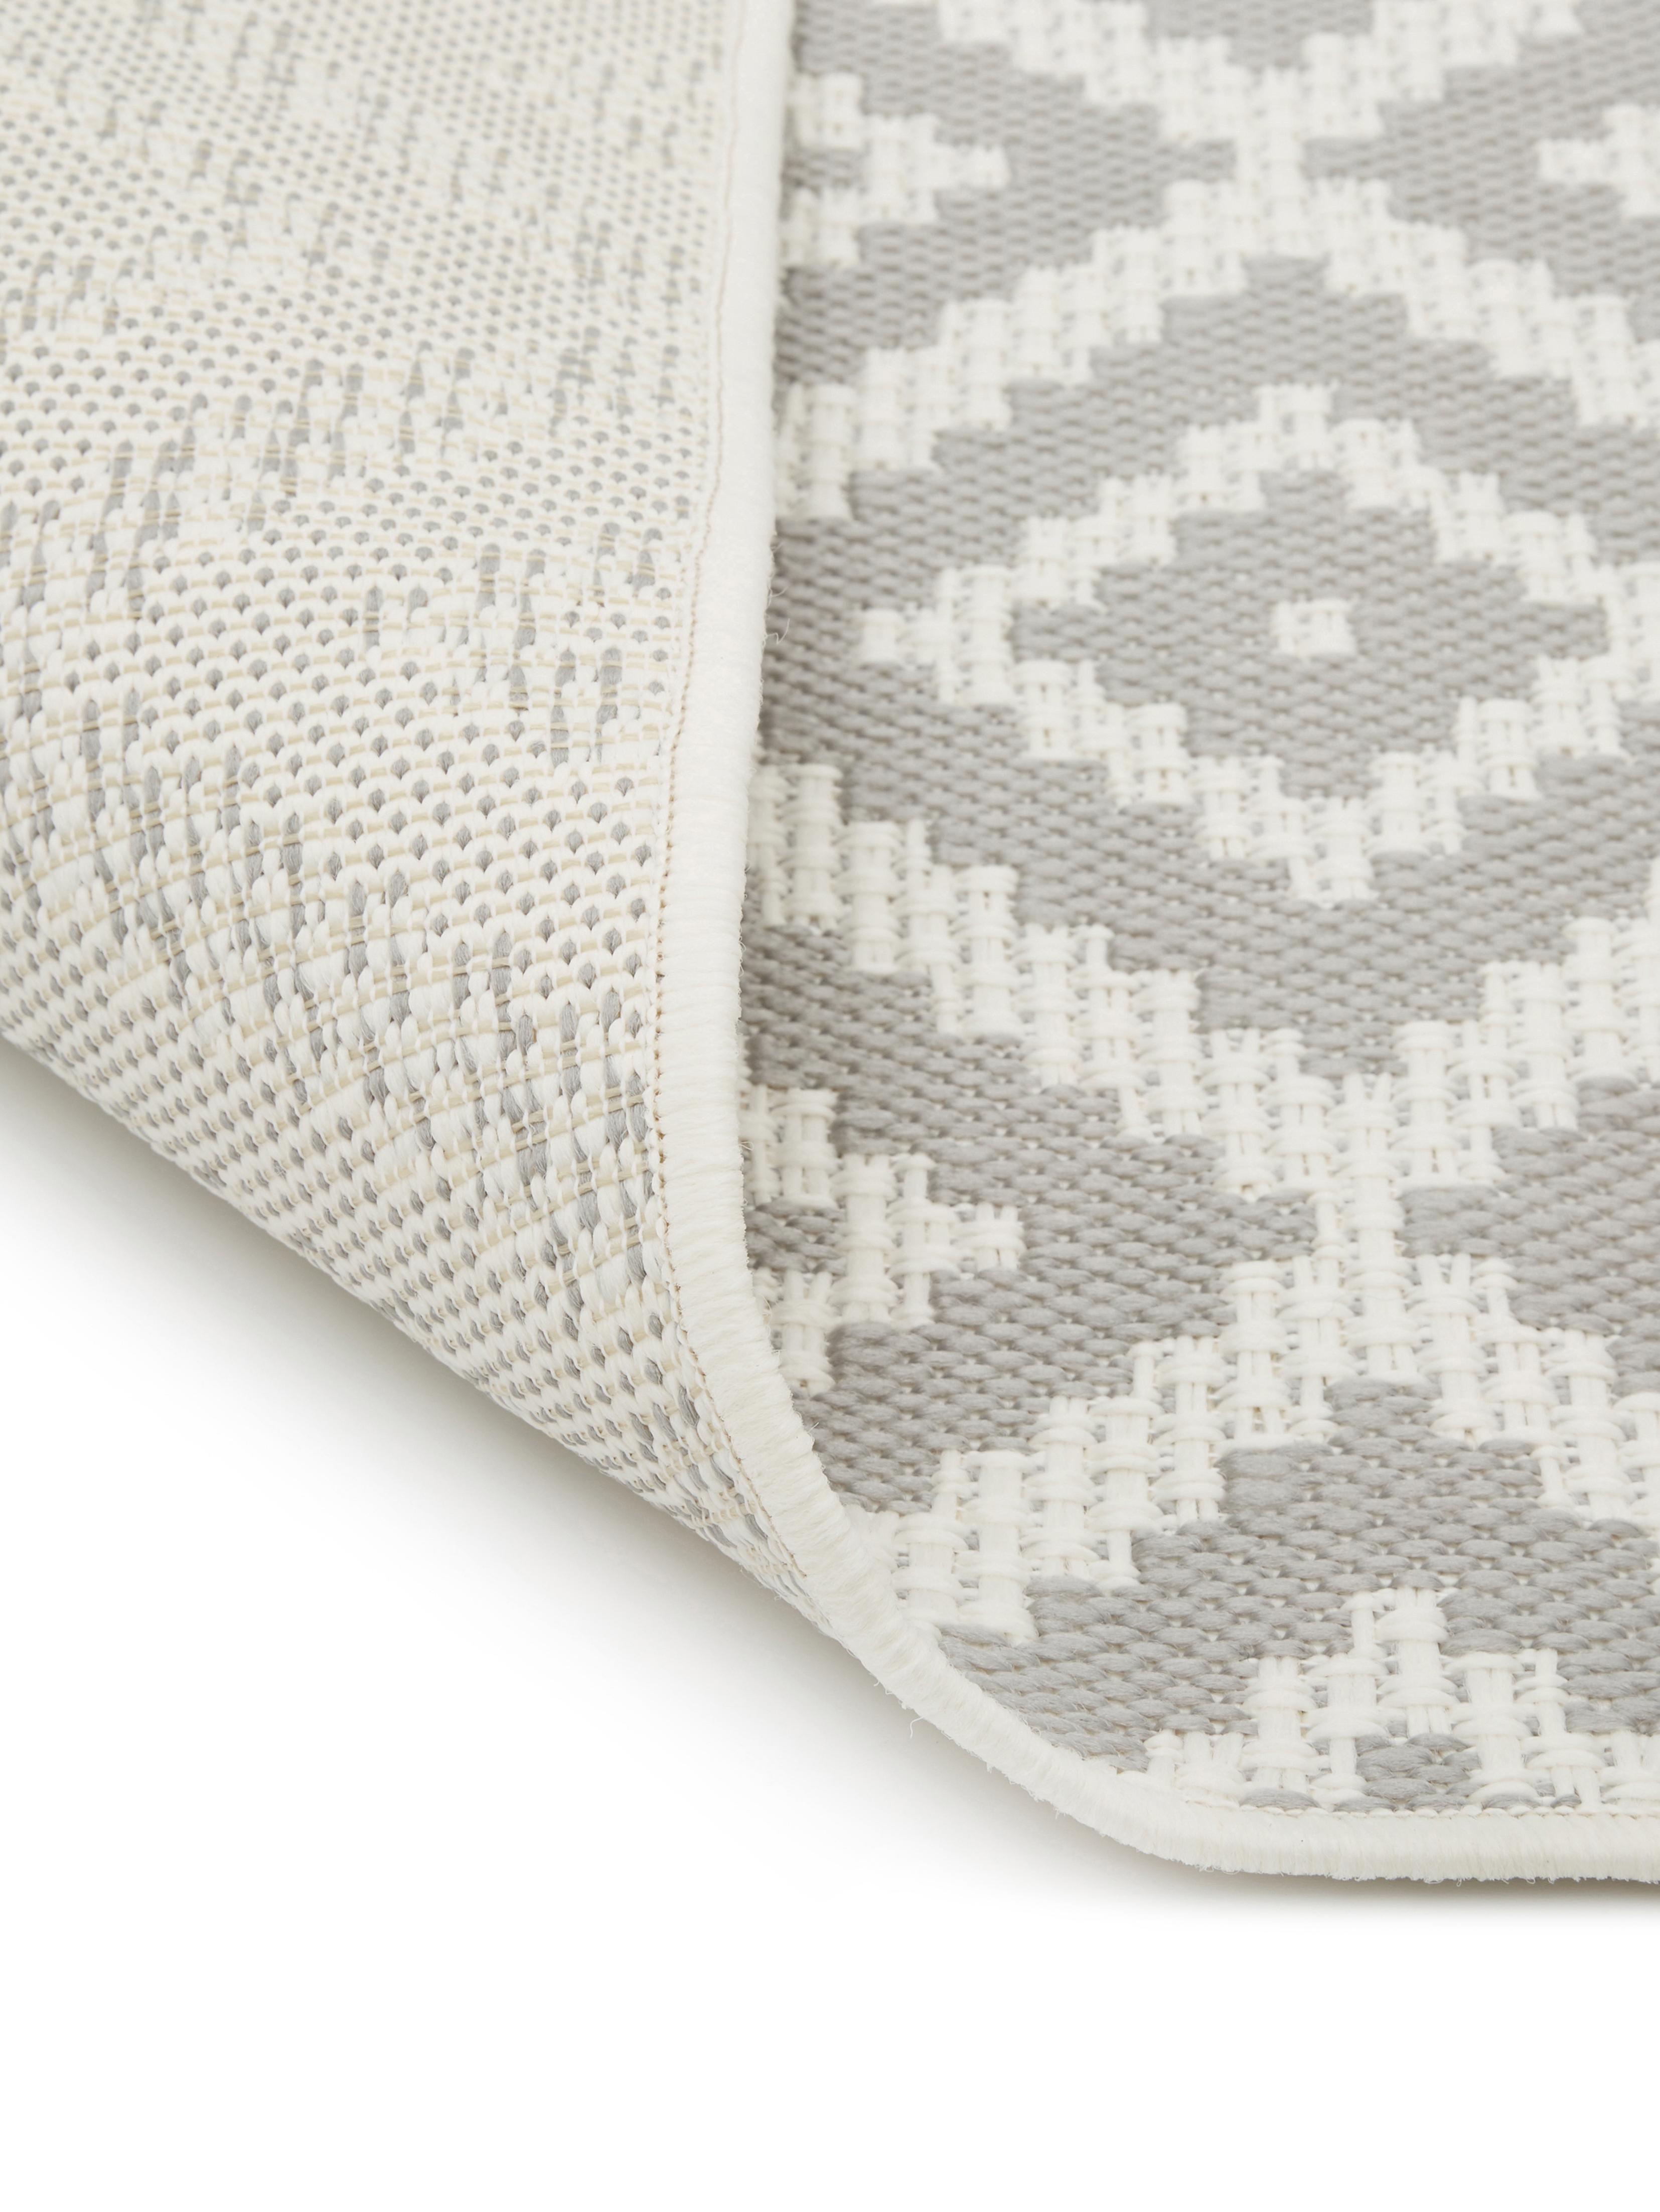 Gemusterter In- & Outdoor-Läufer Miami in Grau/Weiß, Flor: 100% Polypropylen, Cremeweiß, Grau, 80 x 250 cm